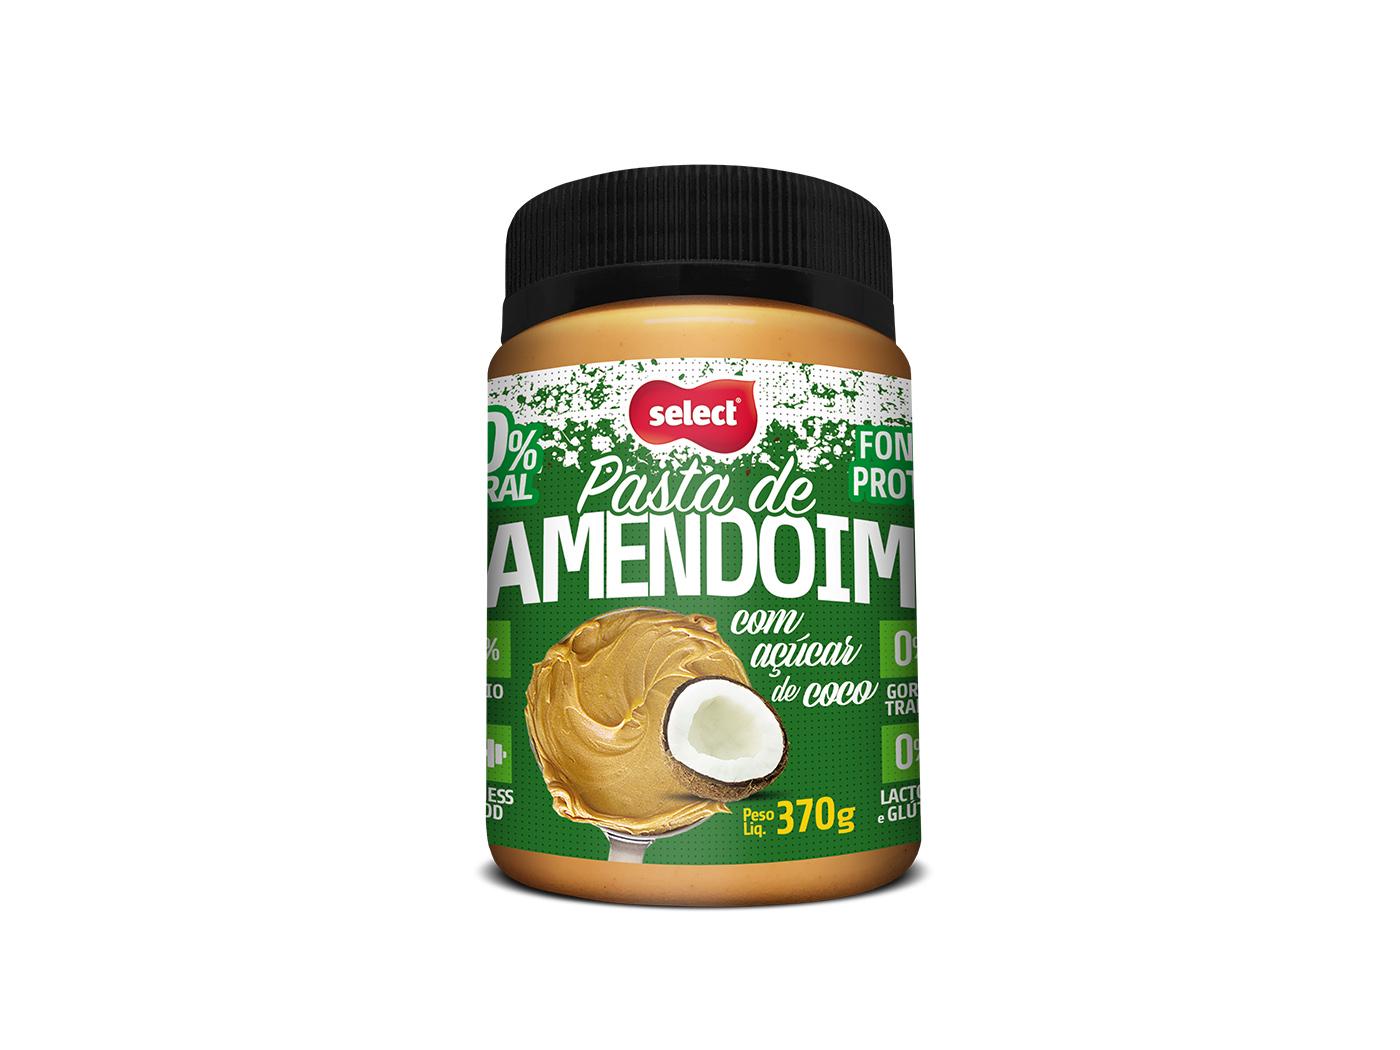 pasta integral de amendoim coco